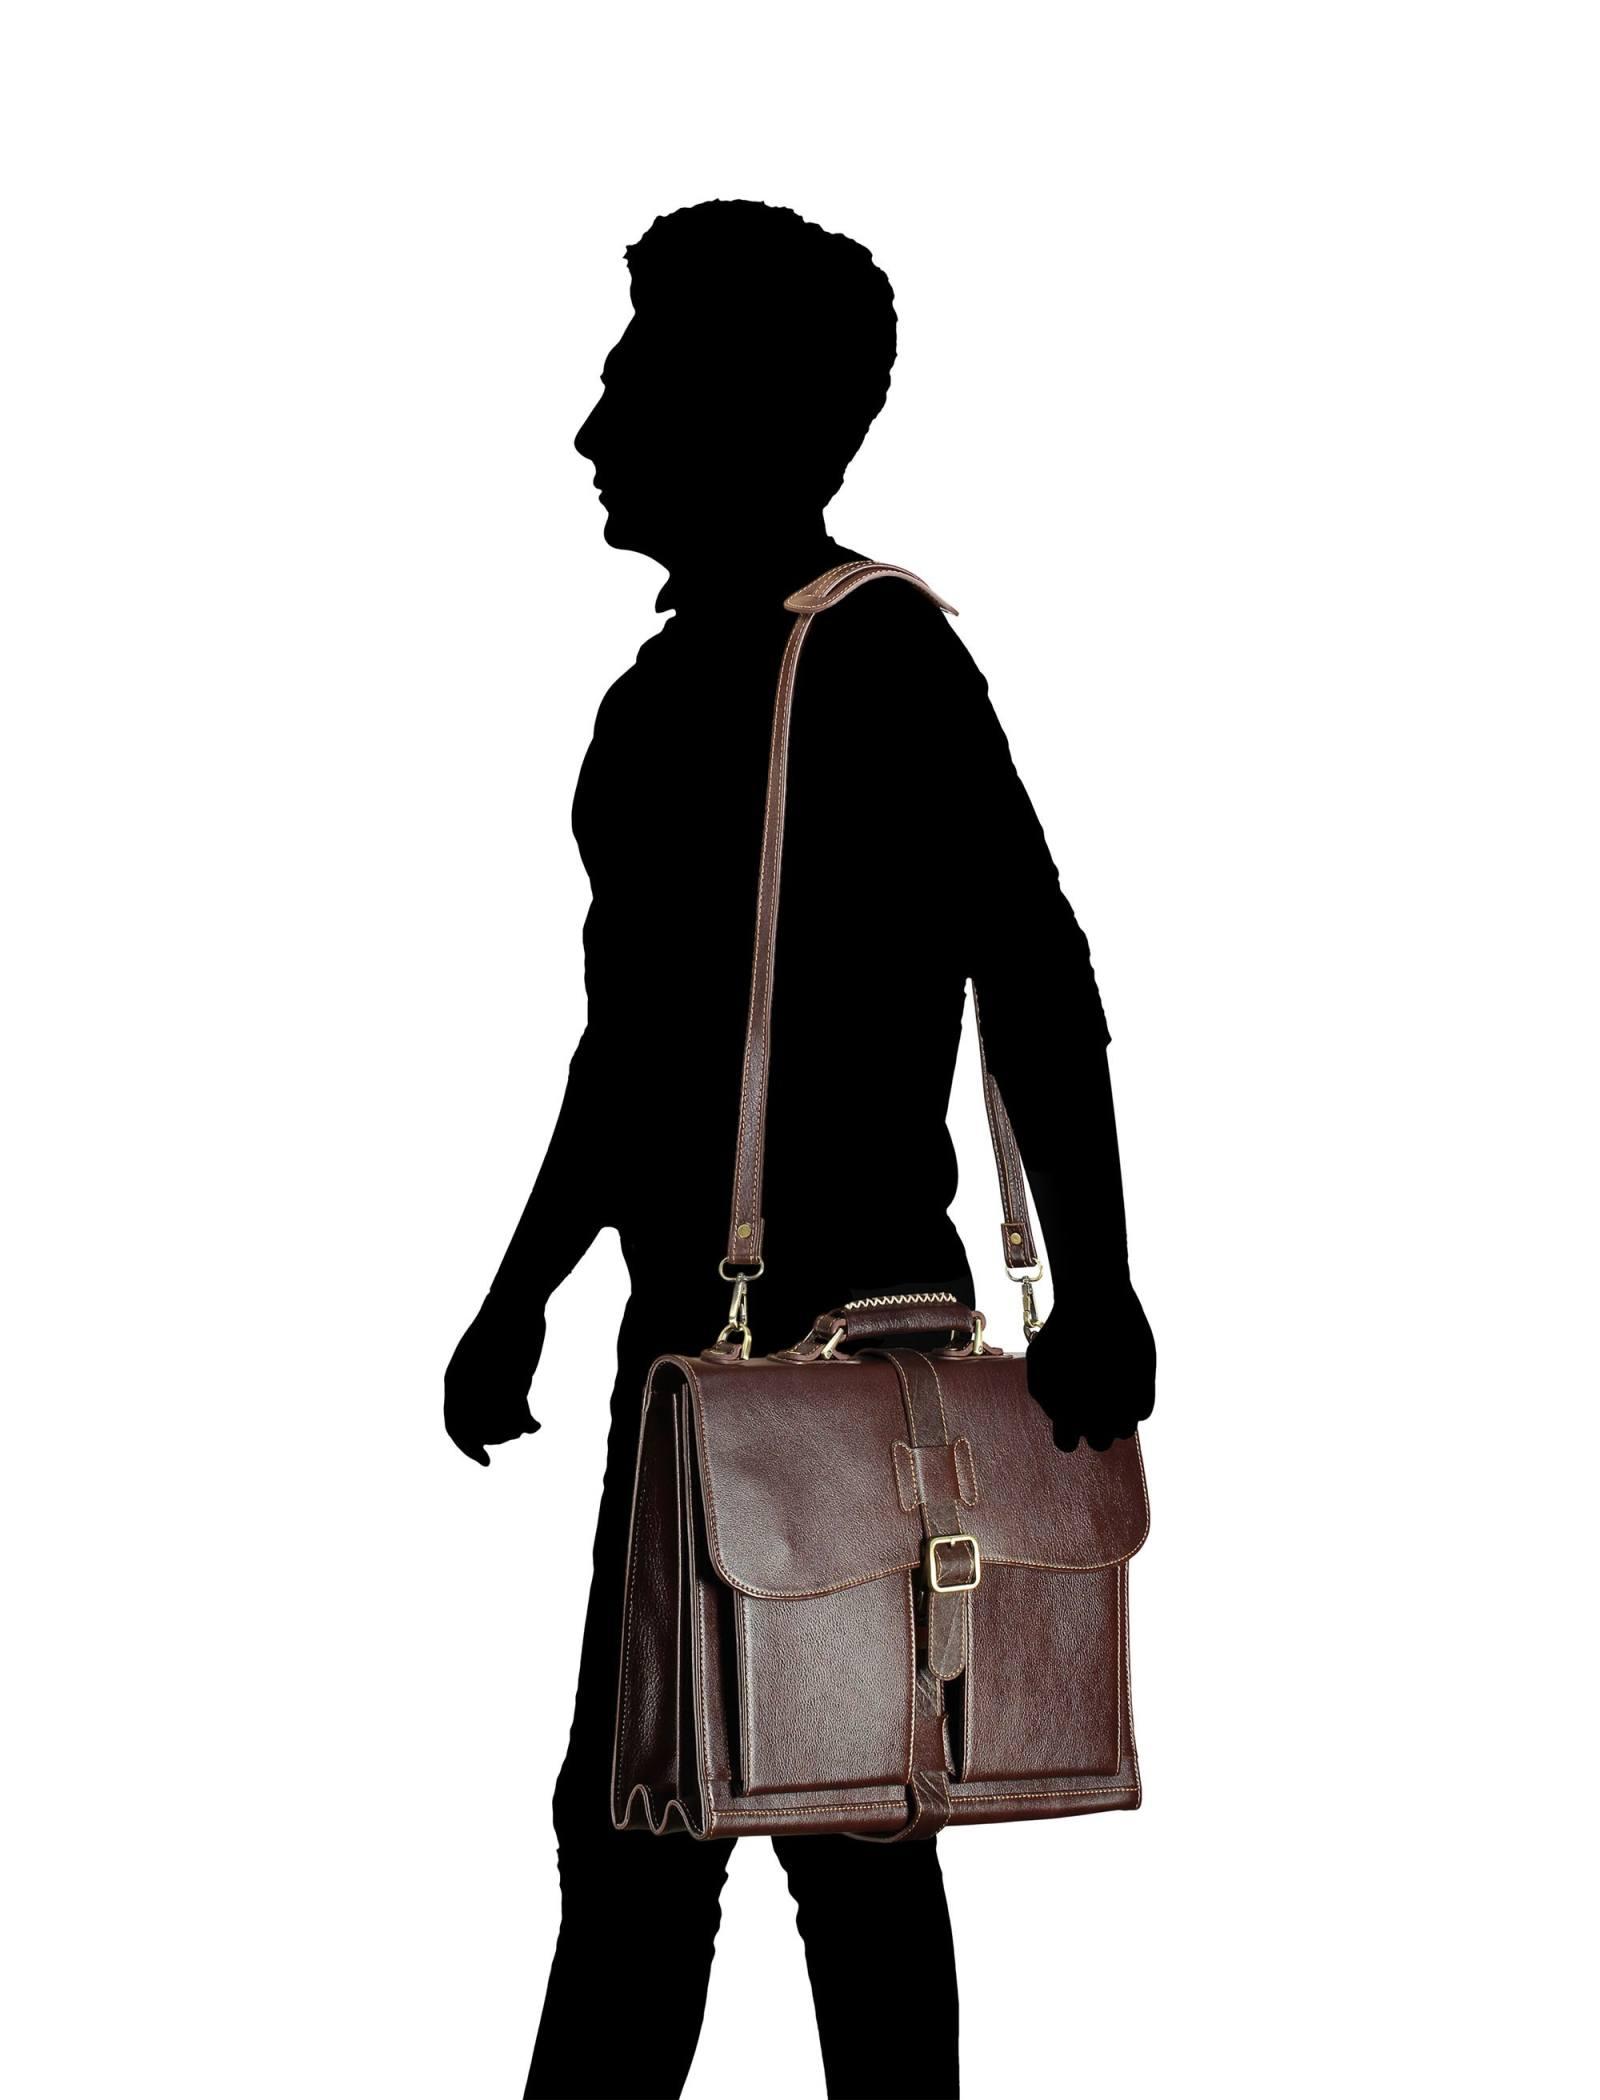 کیف دستی چرم بزرگسال - شهر چرم - قهوه اي  - 9